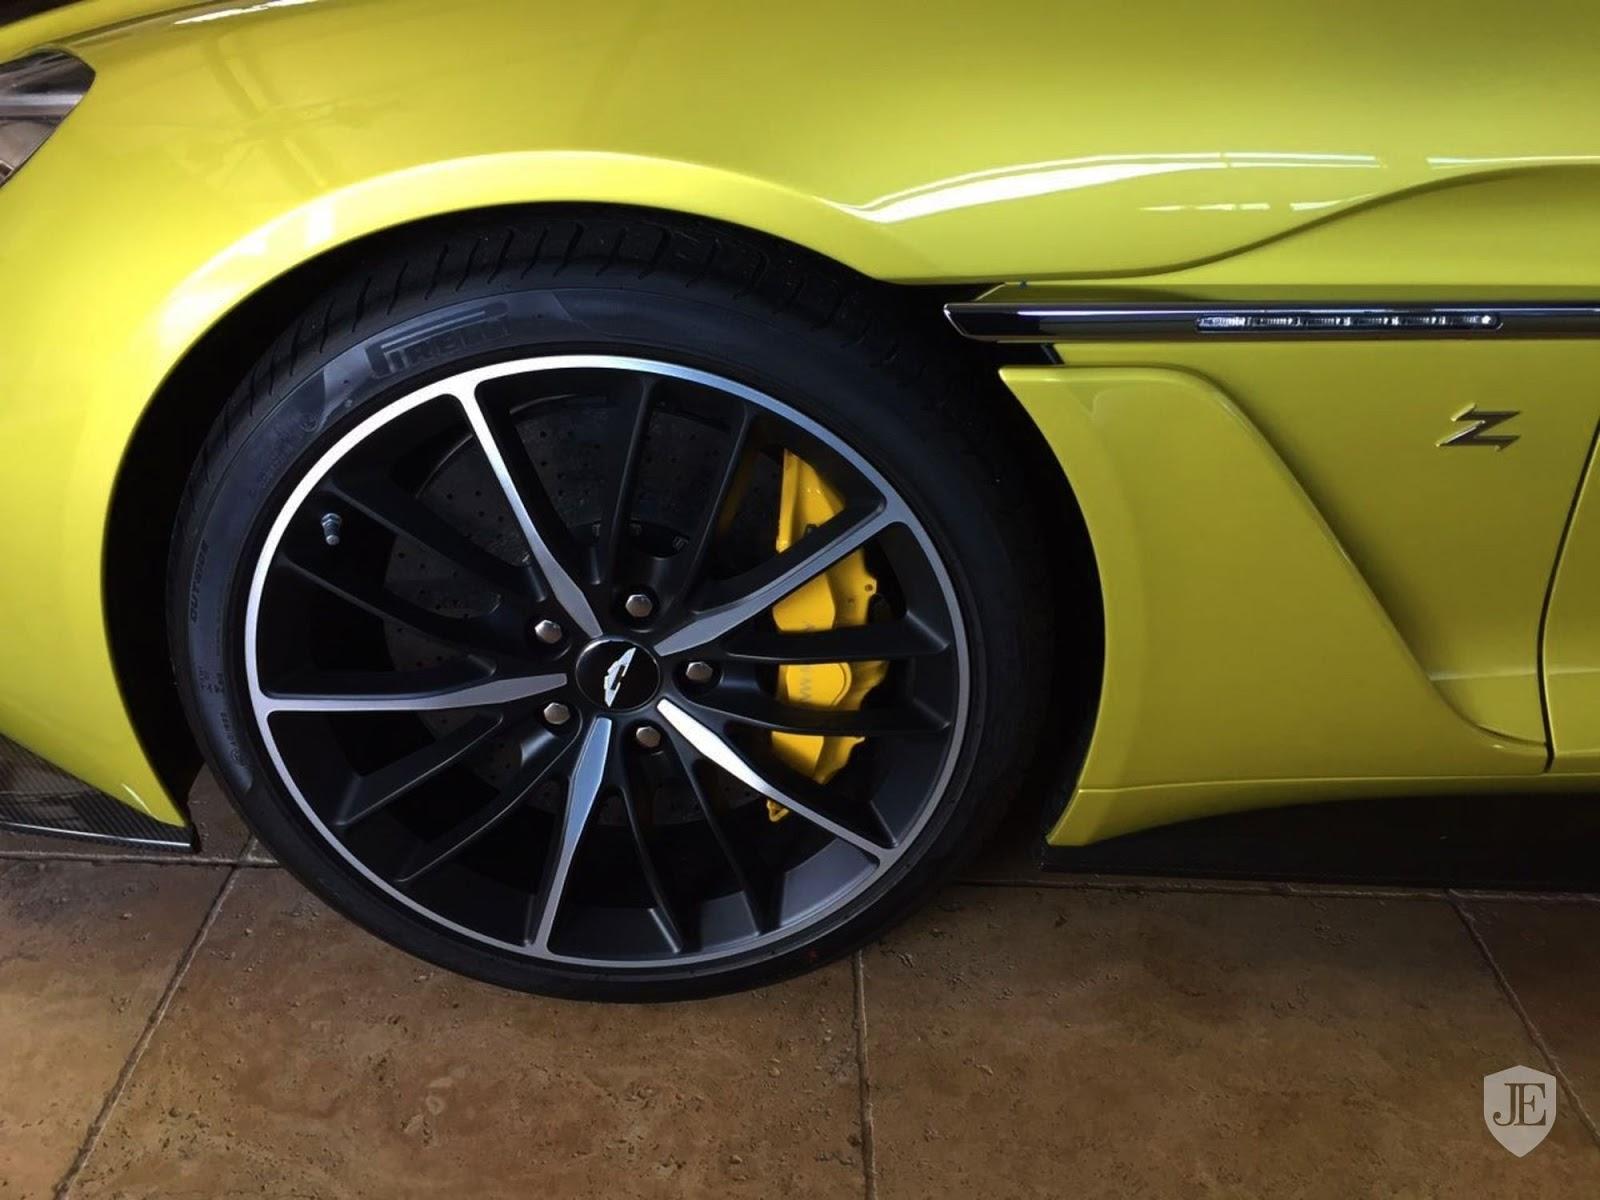 Aston Martin Vanquish Zagato yellow (9)